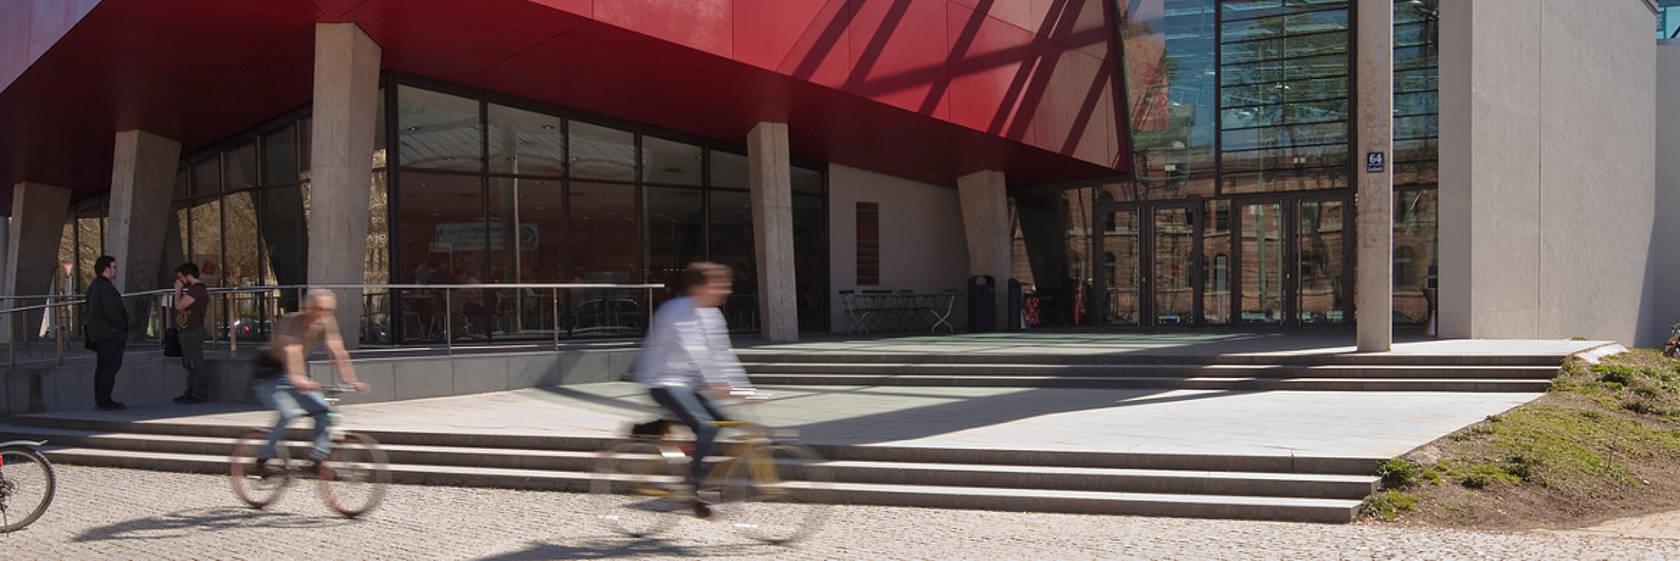 hochschule mnchen haupteingang foto hochschulkommunikationhochschule mnchen - Hochschule Mnchen Bewerbung